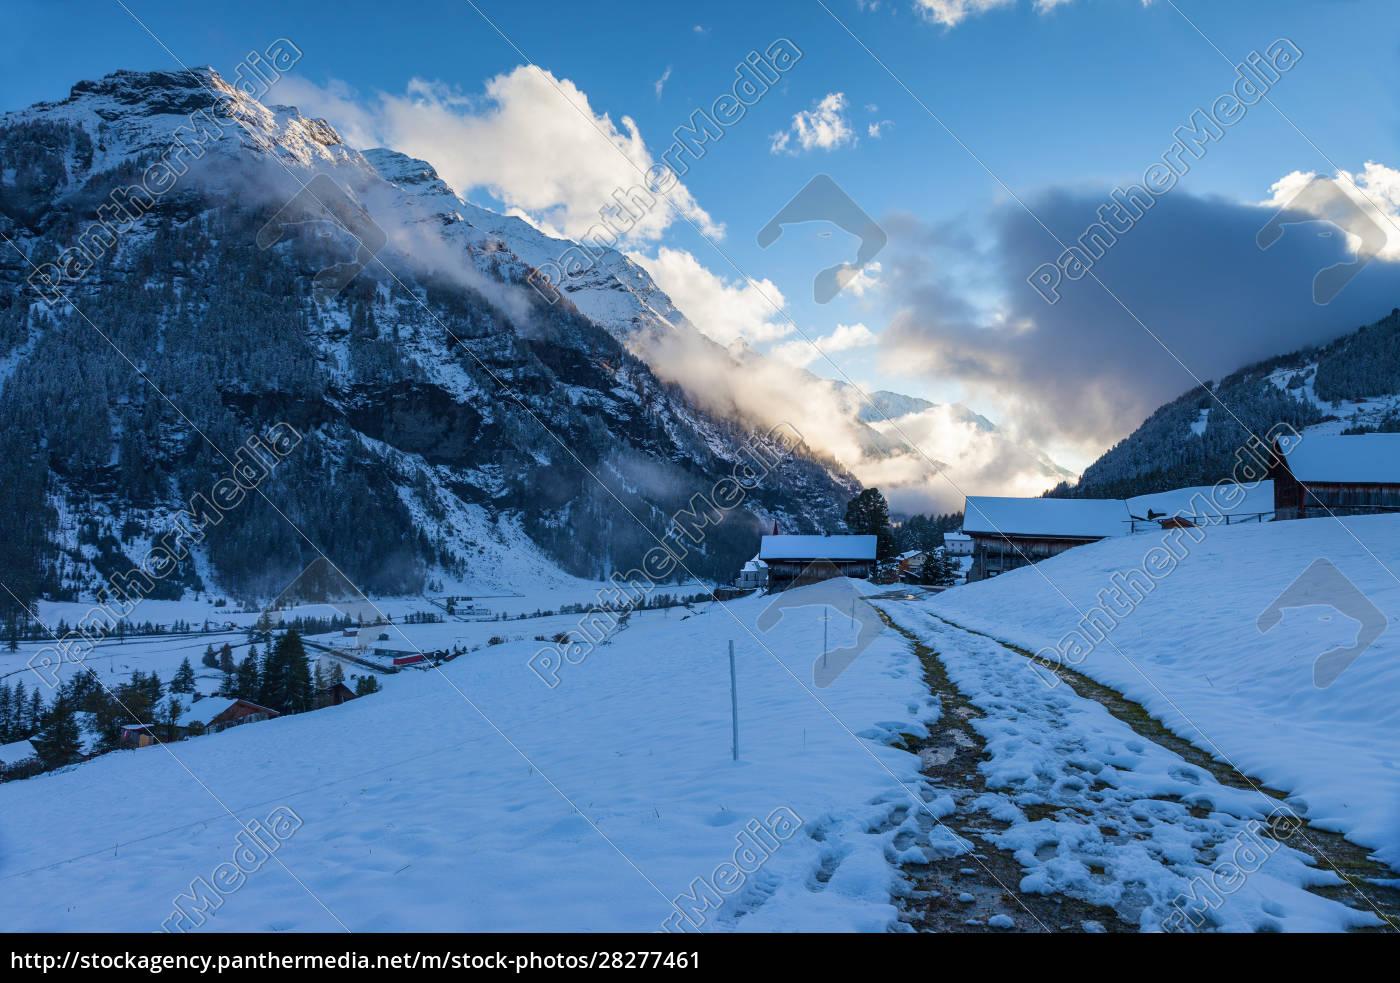 snowy, farm, houses, at, the, blue - 28277461